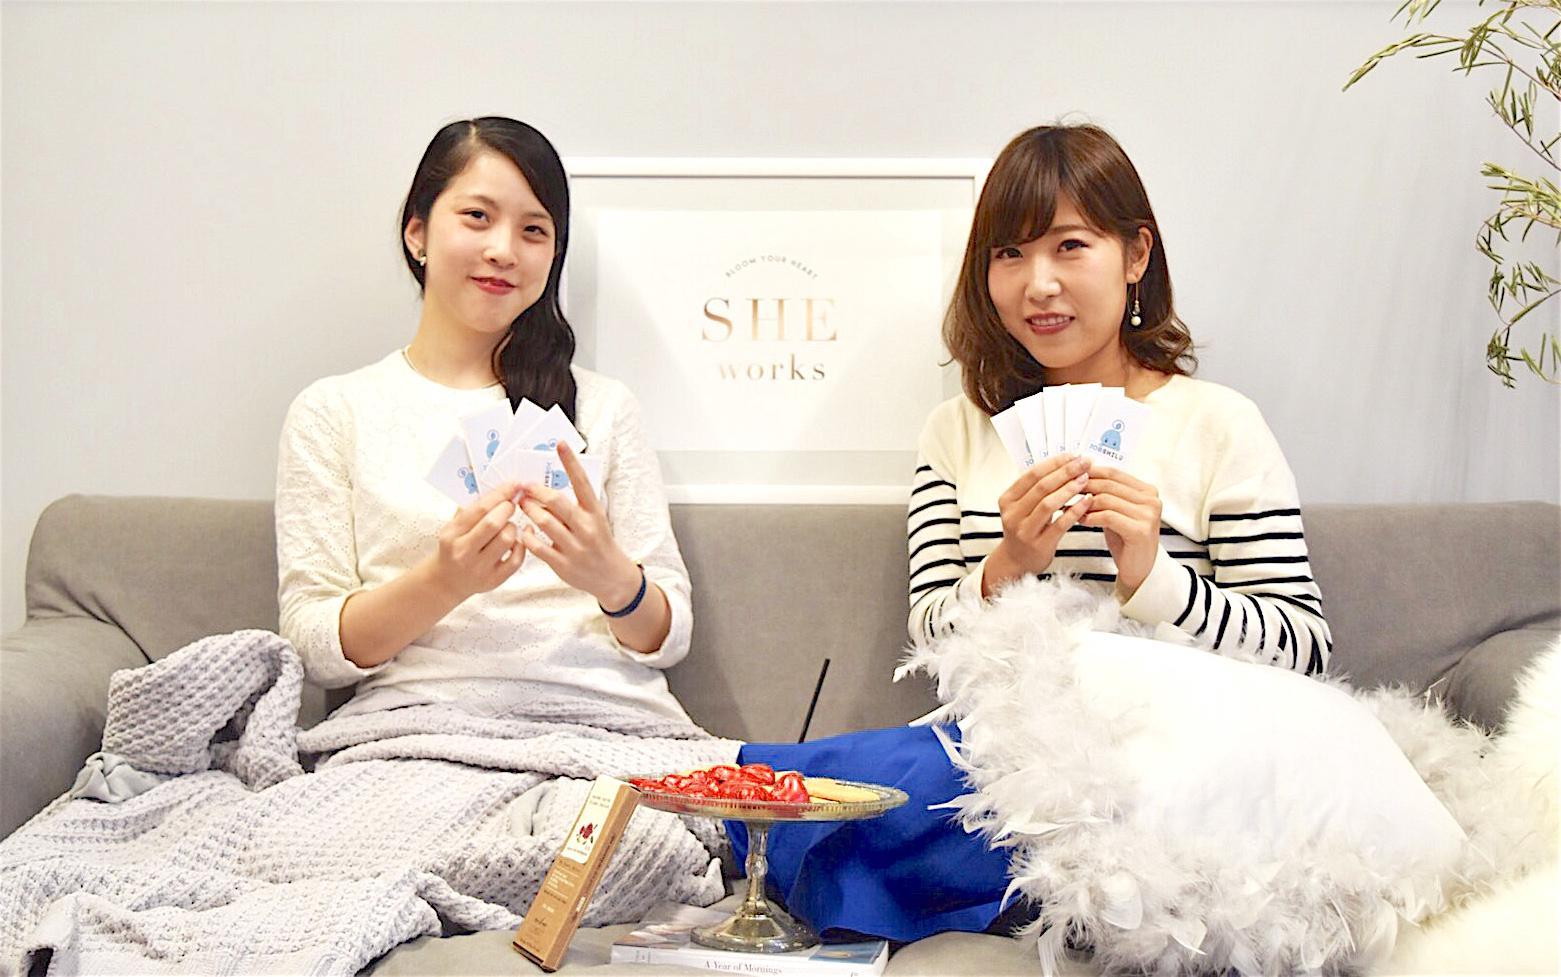 【ミレニアル世代】起業家女子の本音トーク・前編 | JOBSHIL